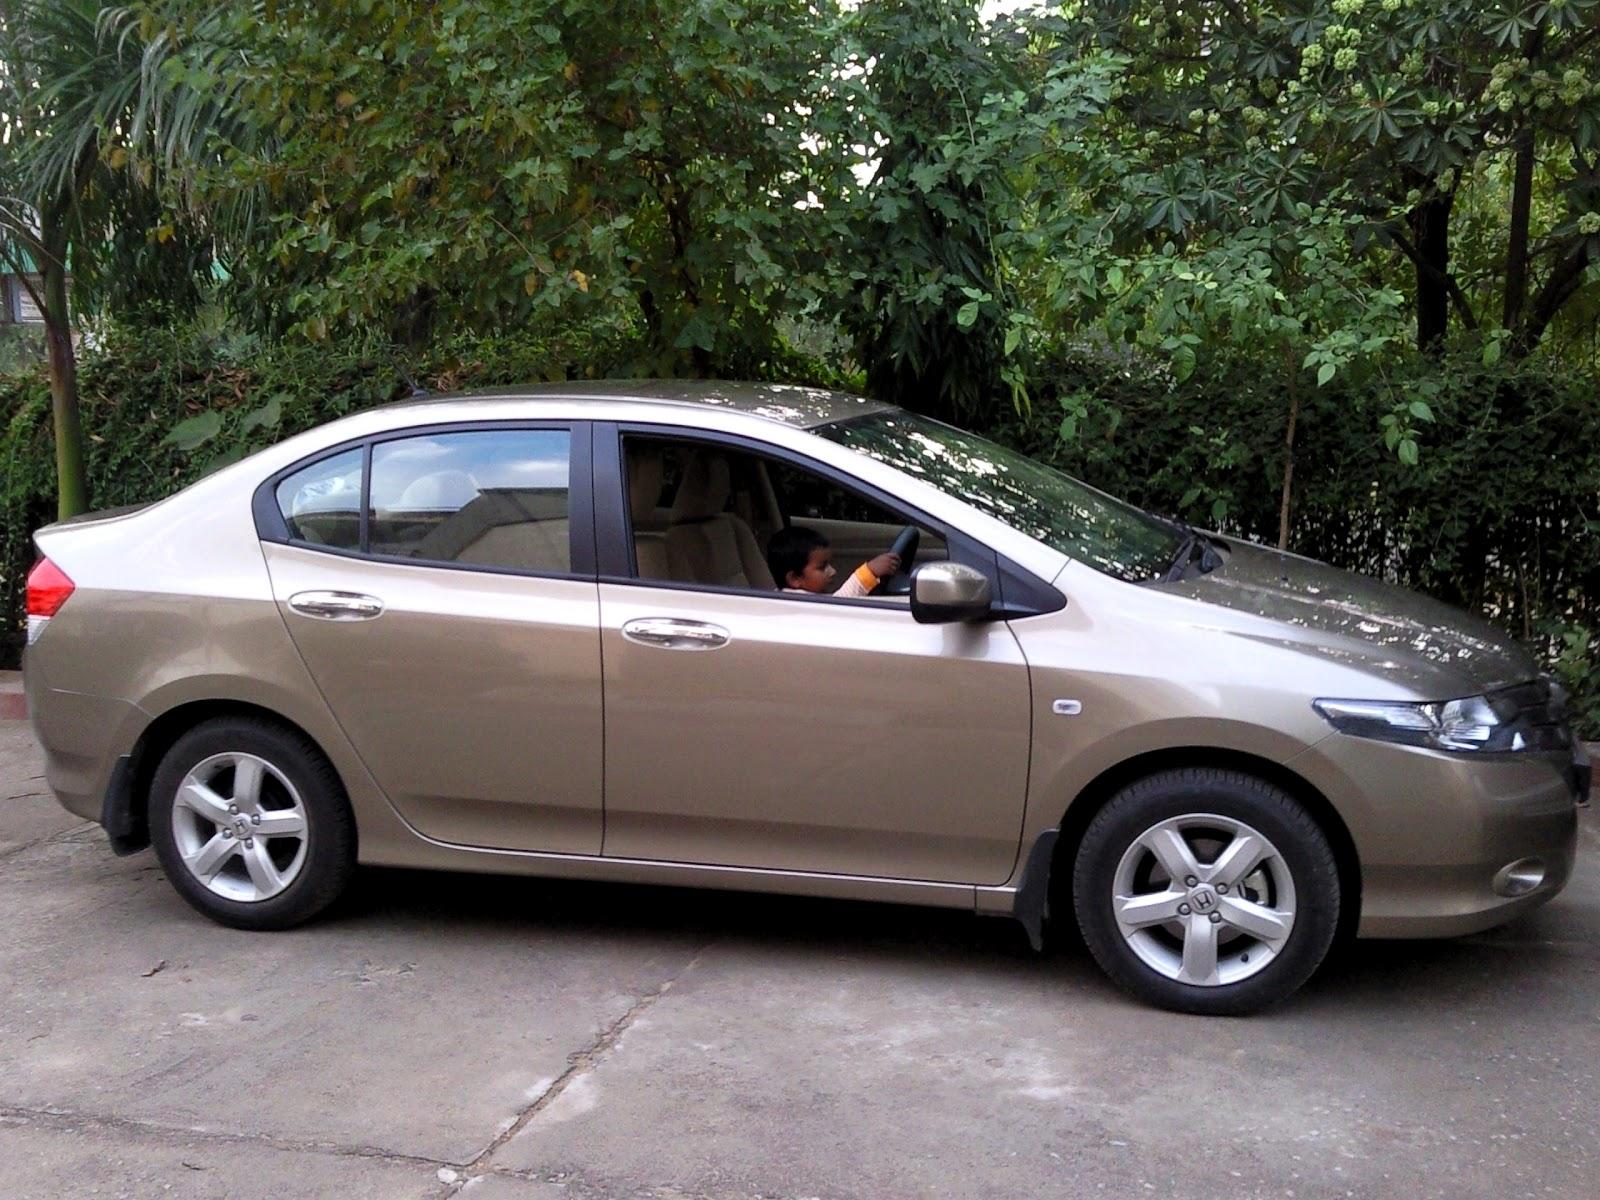 Honda civic 2011 review uk dating 7